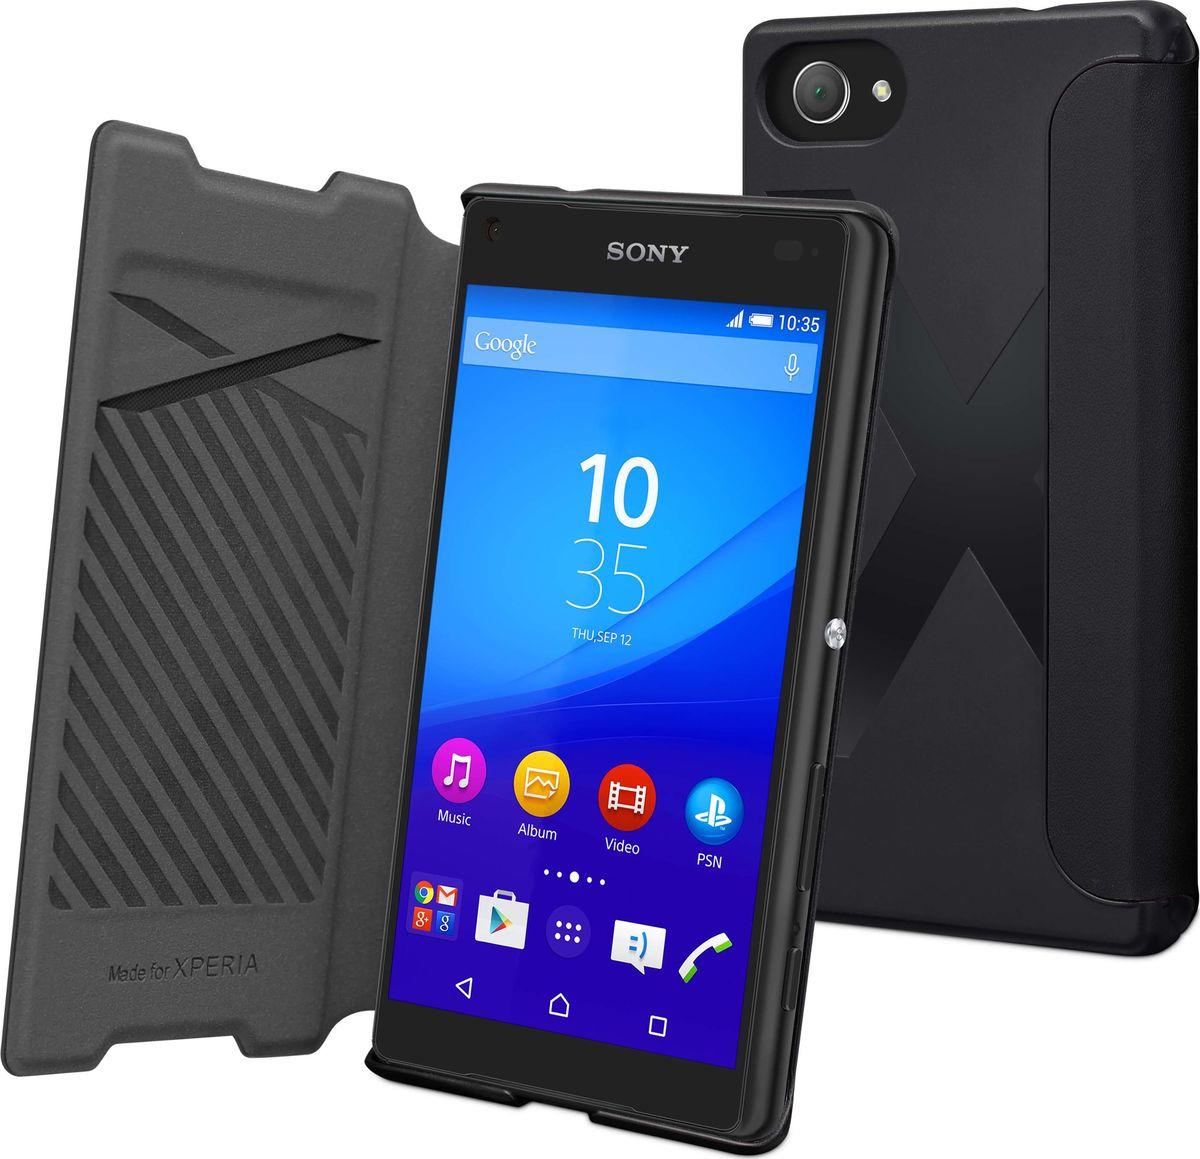 Чехол для сотового телефона Muvit MFX Easy Folio Case для Sony Xperia Z5 Compact, SEEAF0034, черный цена